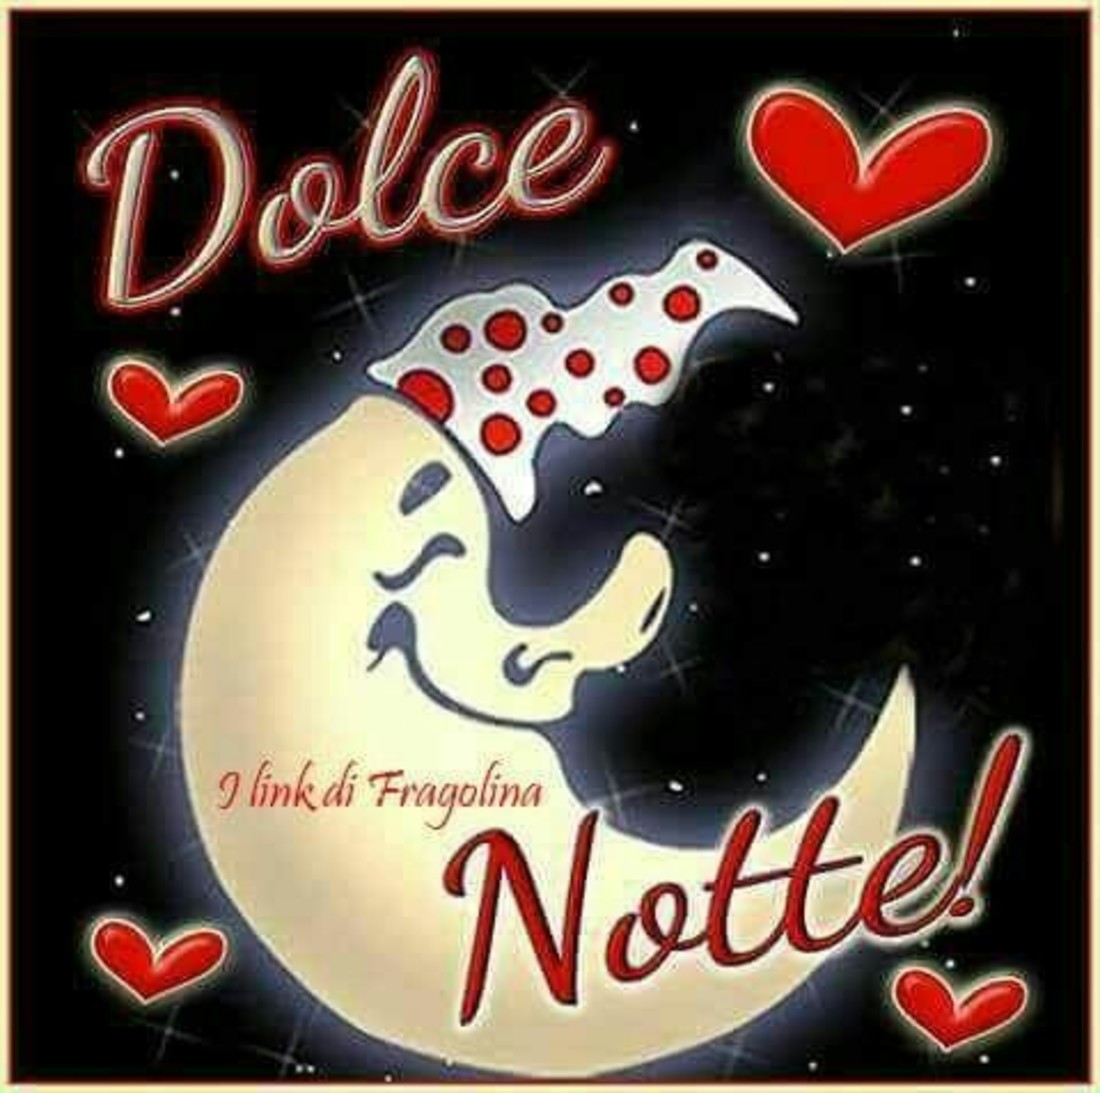 Dolce Notte